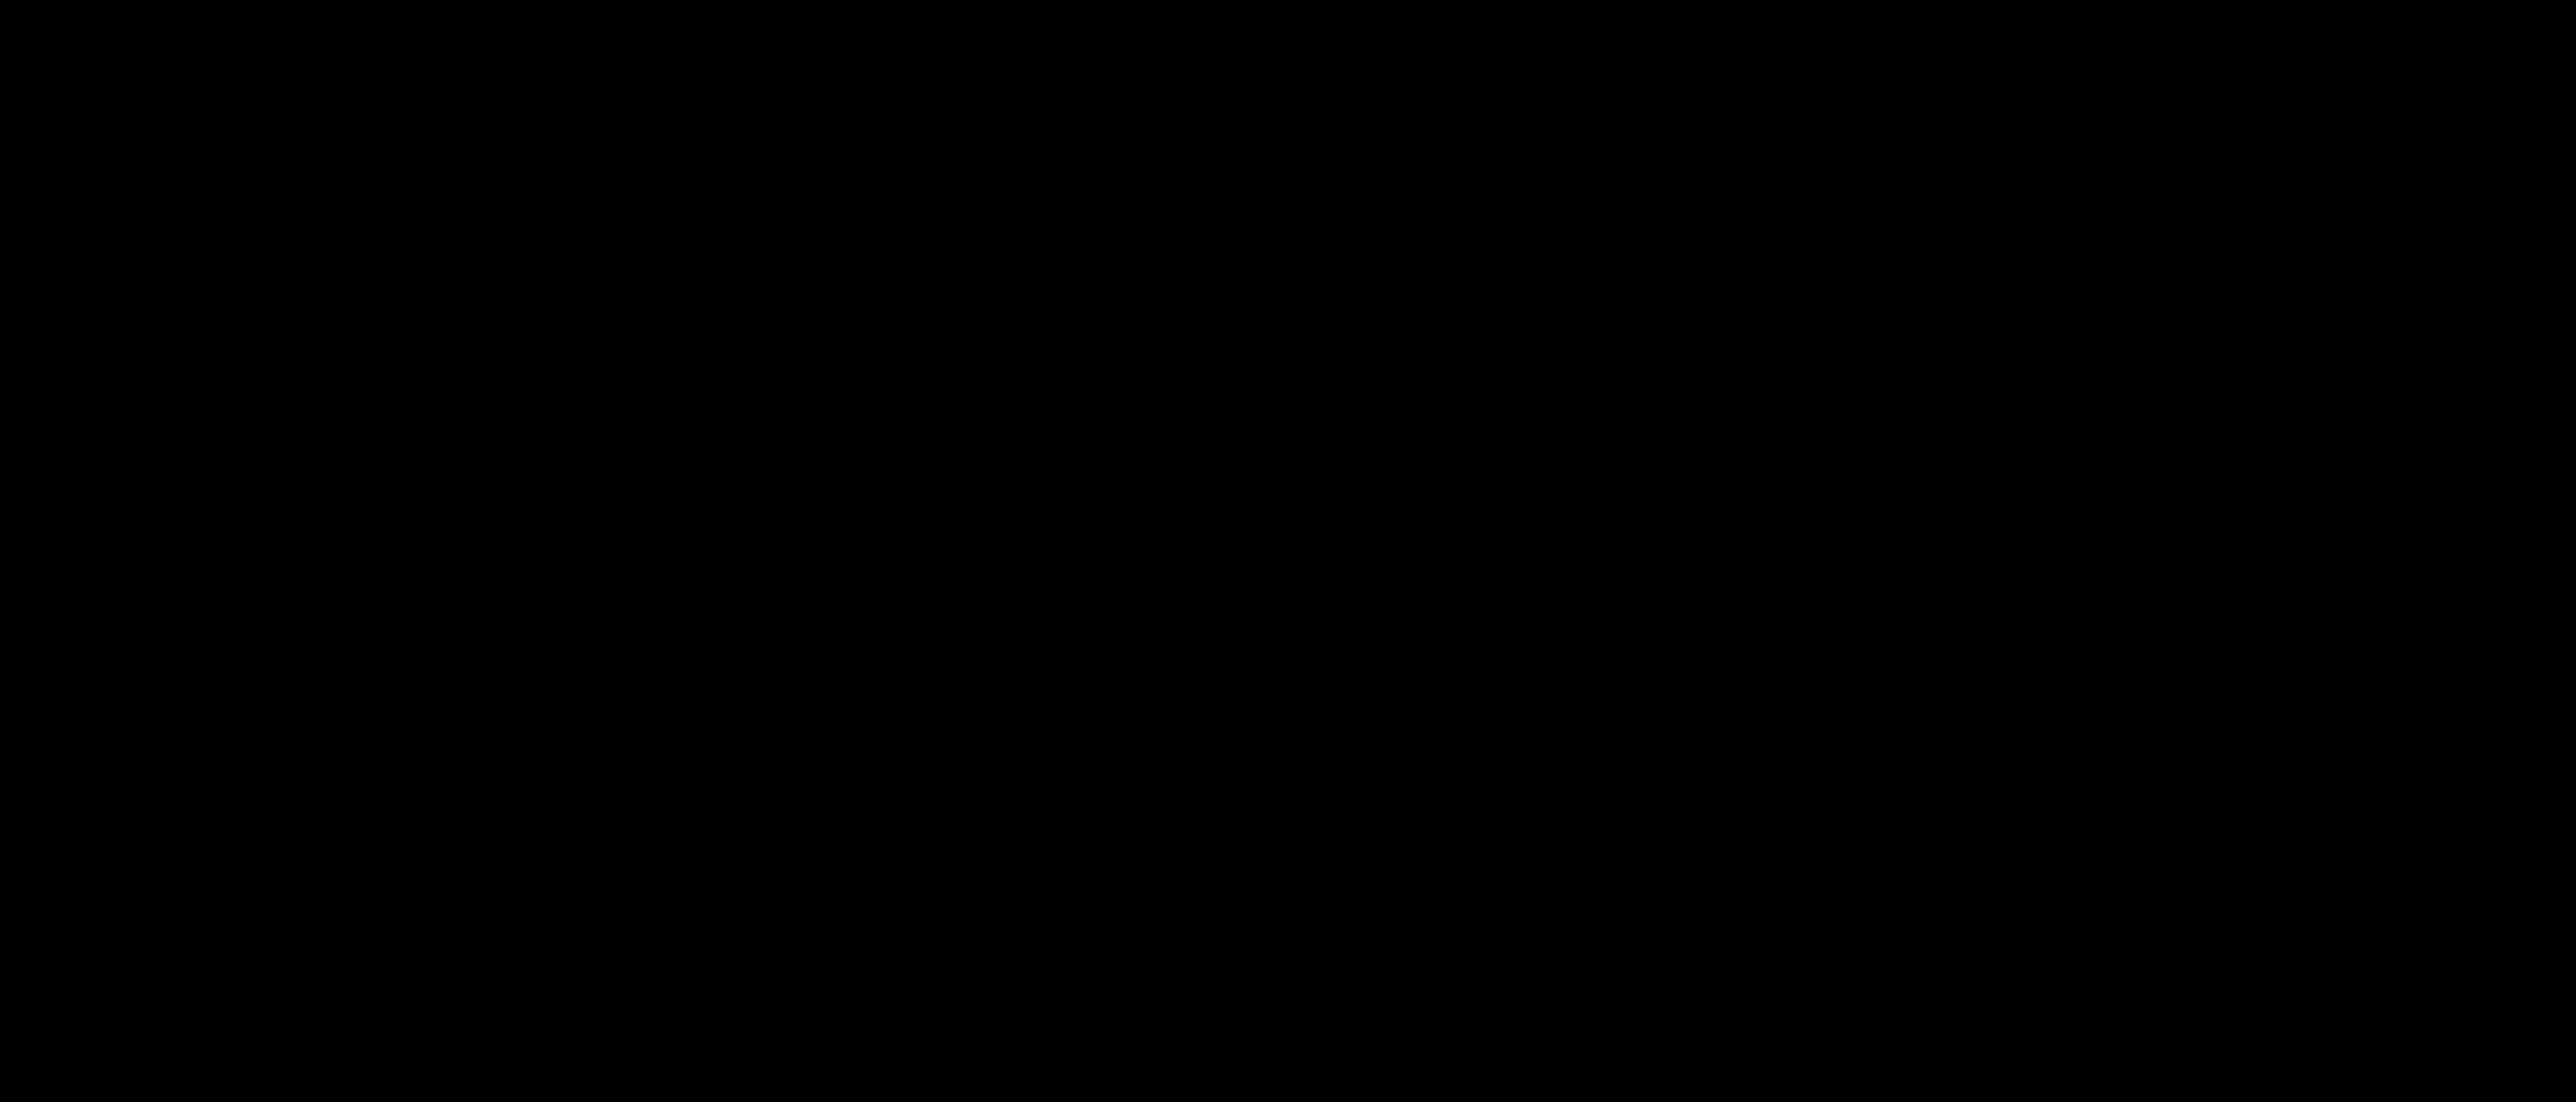 SHOP CỤC ĐÁ bán các loại điện thoại Cuc_da_logo_1-01